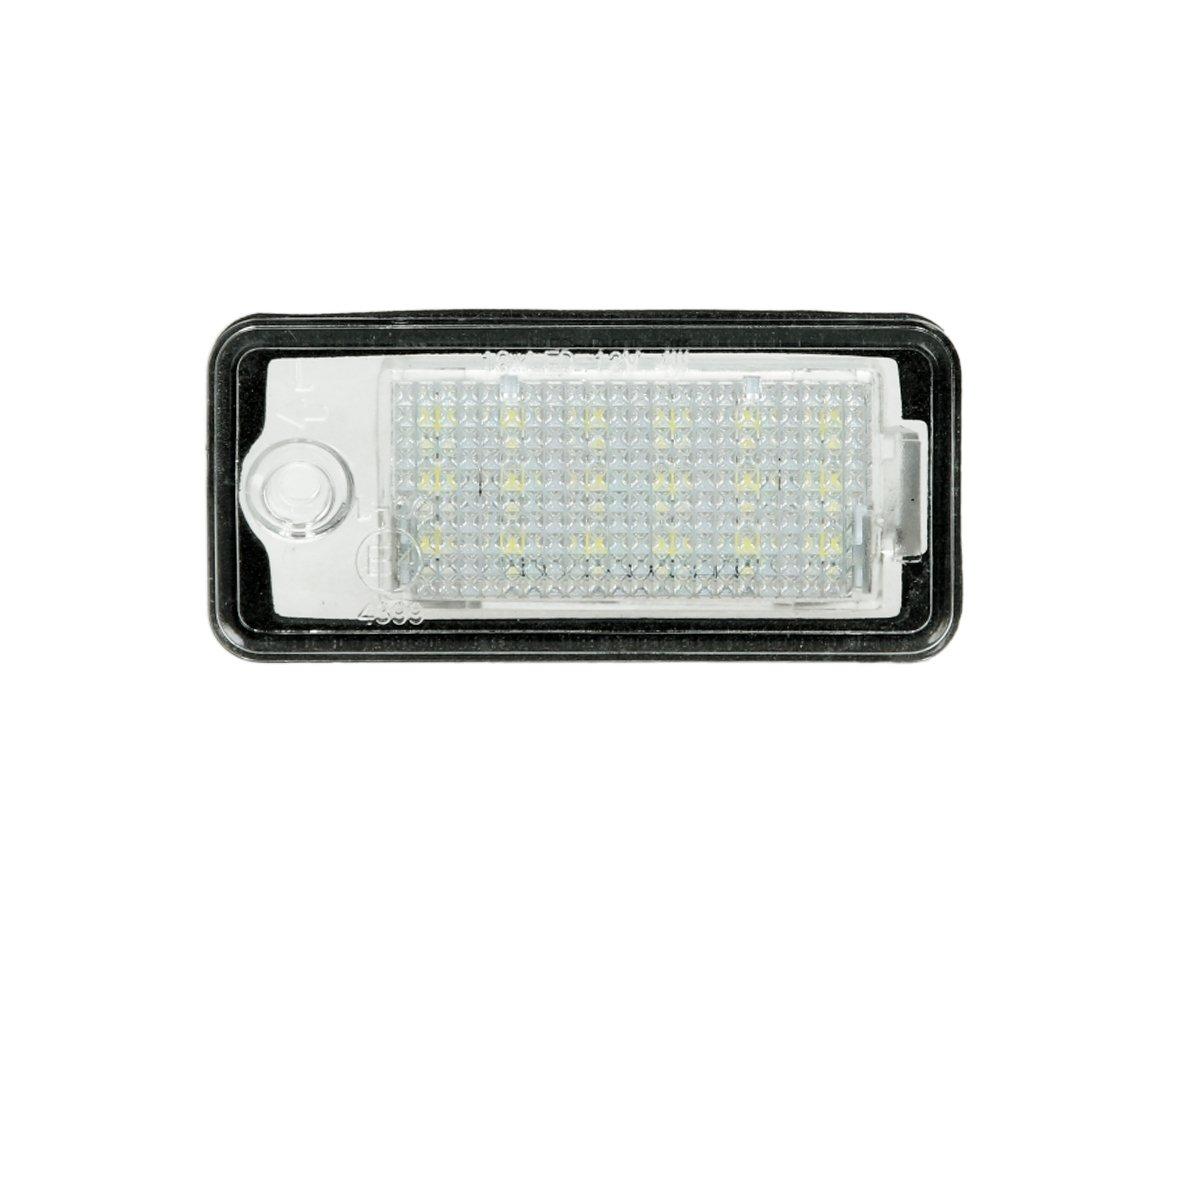 ECD Germany 2 x LED Kennzeichenbeleuchtung mit E-Prüfzeichen 18 SMD ...